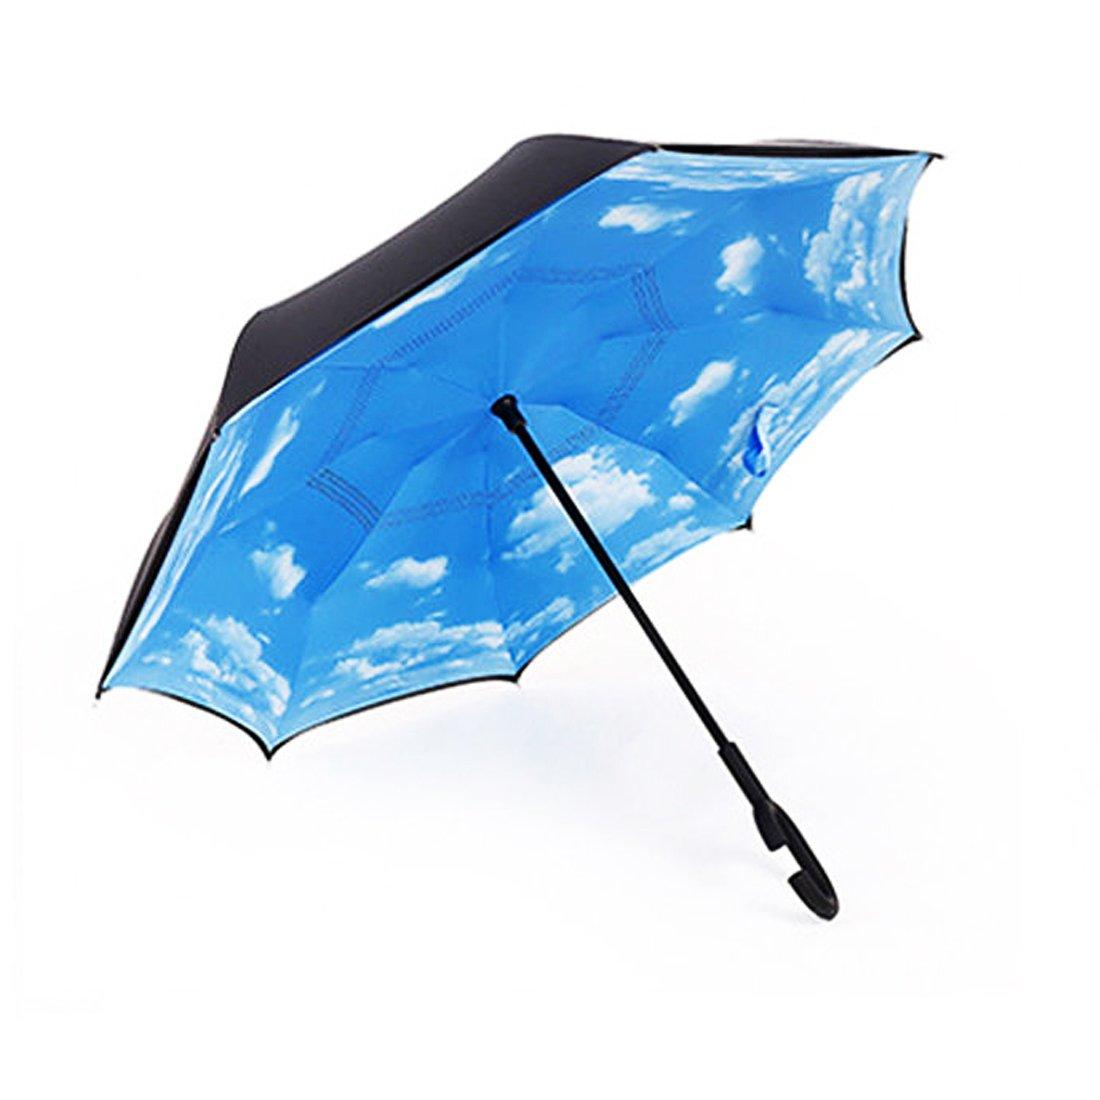 JJPRIME Paraguas Cortavientos, invertido, Plegable, de Doble Capa Auxiliar, con asa Estable DOLIROX. Protección contra la Lluvia, la Nieve, los Rayos UV solares